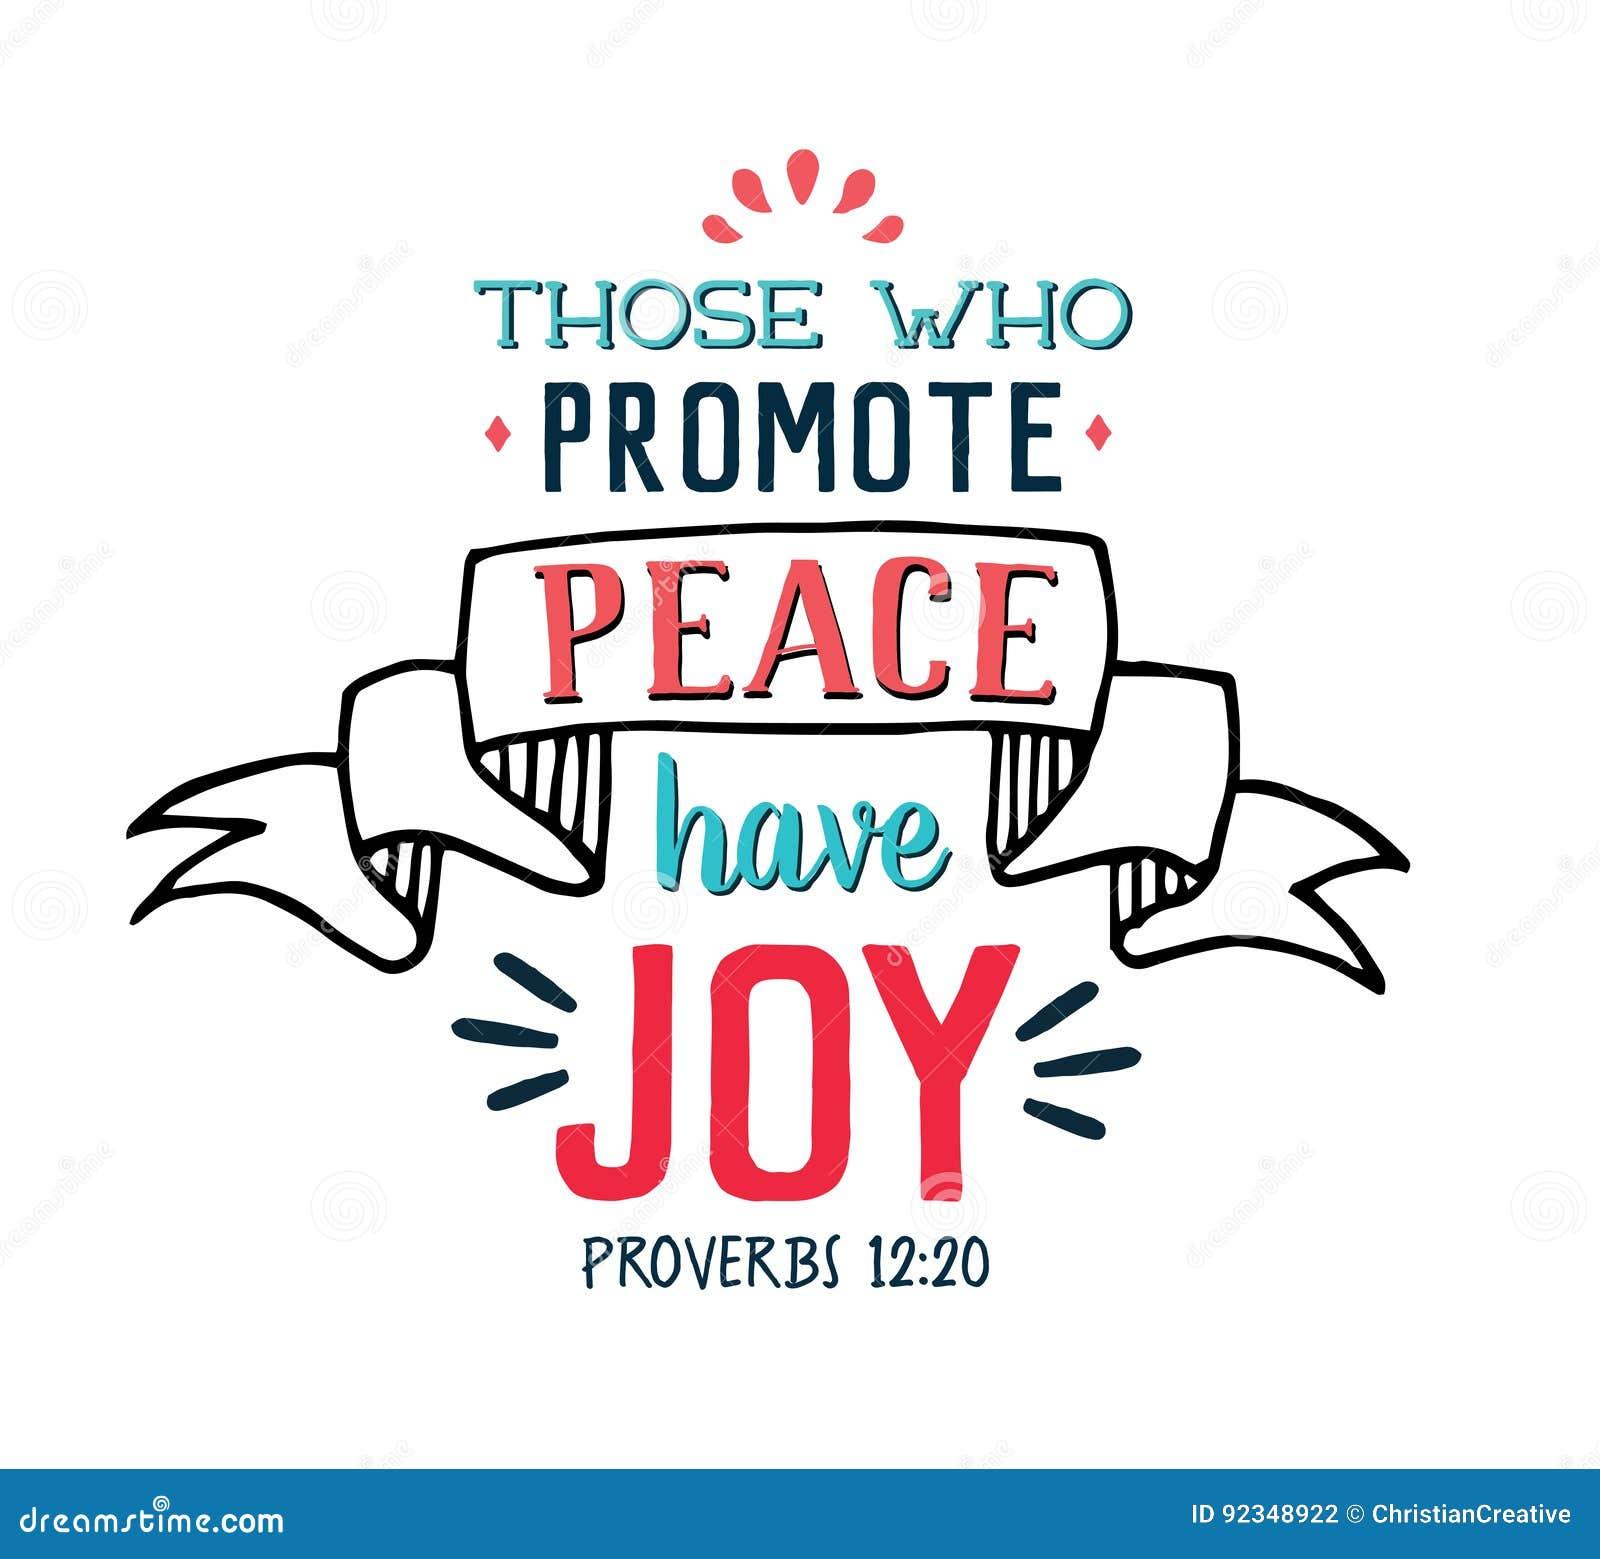 Die, die Frieden fördern, haben Freude